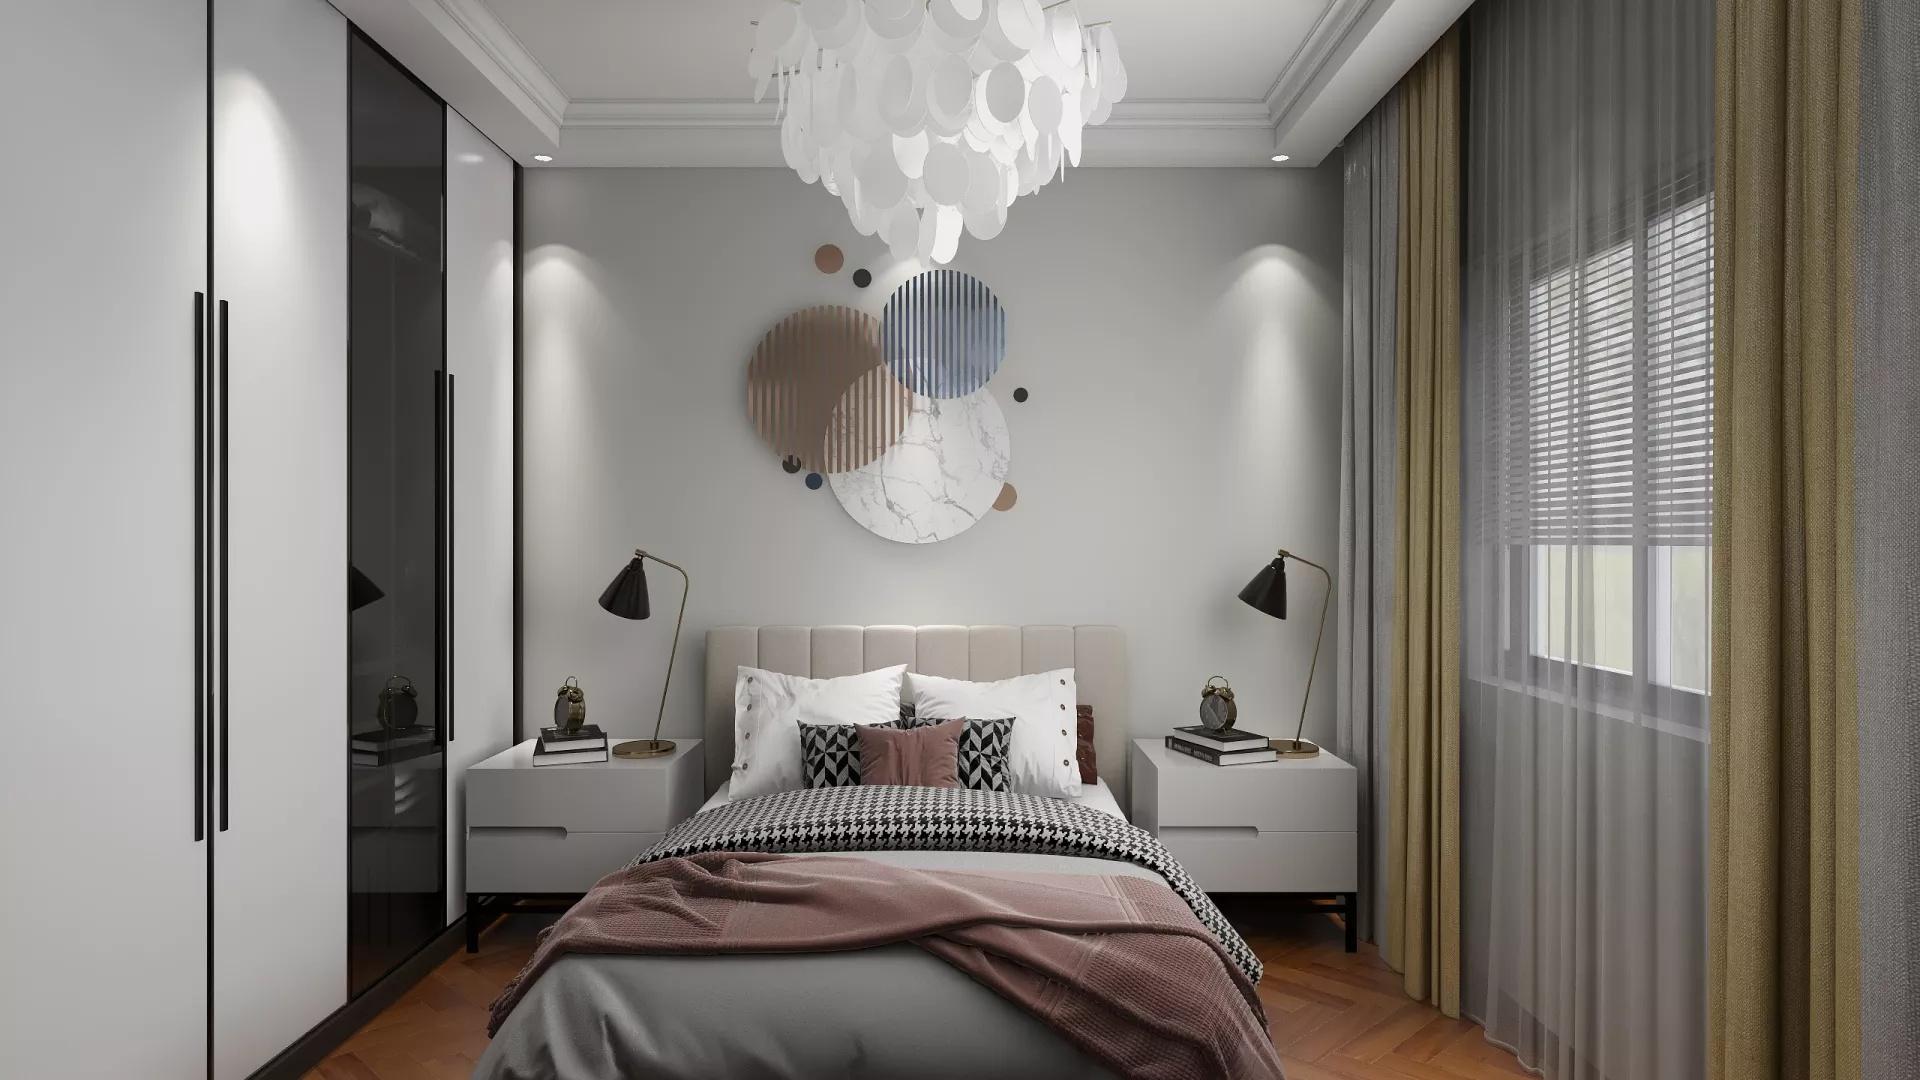 飘窗柜设计高度多少合适?飘窗柜一般多高比较好?